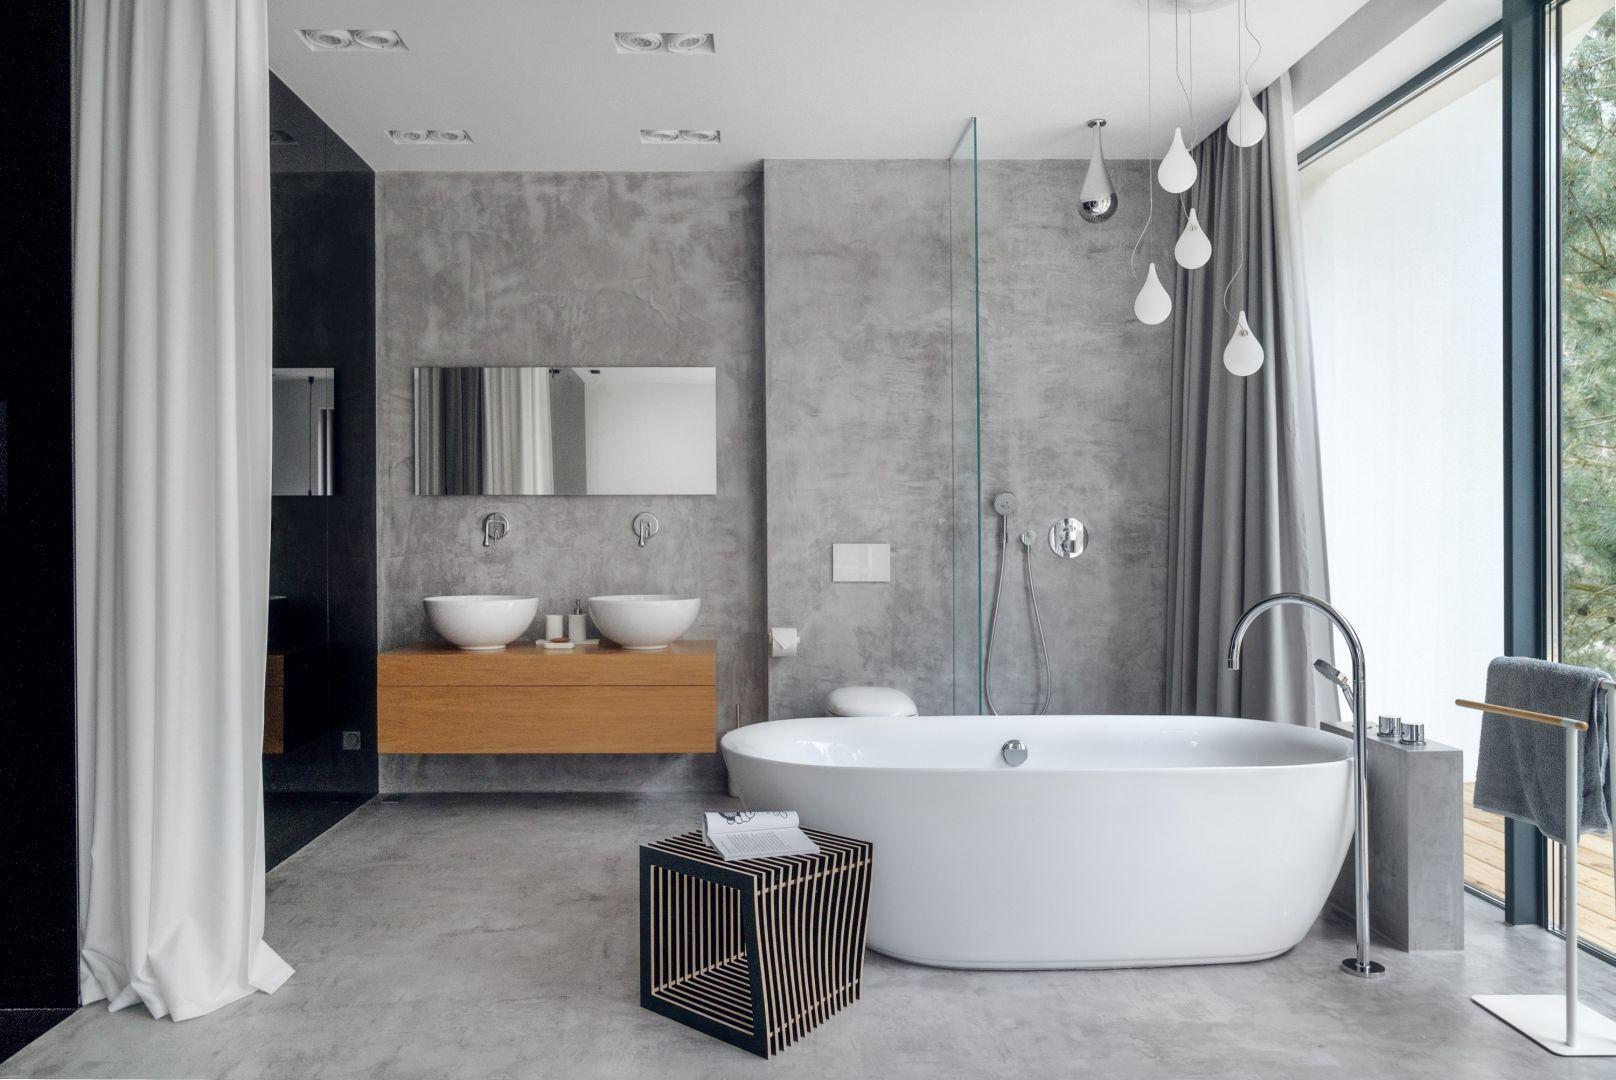 Łazienka marzeń - urządzamy salon kąpielowy. Projekt Studio Maka. Fot. Tom Kurek